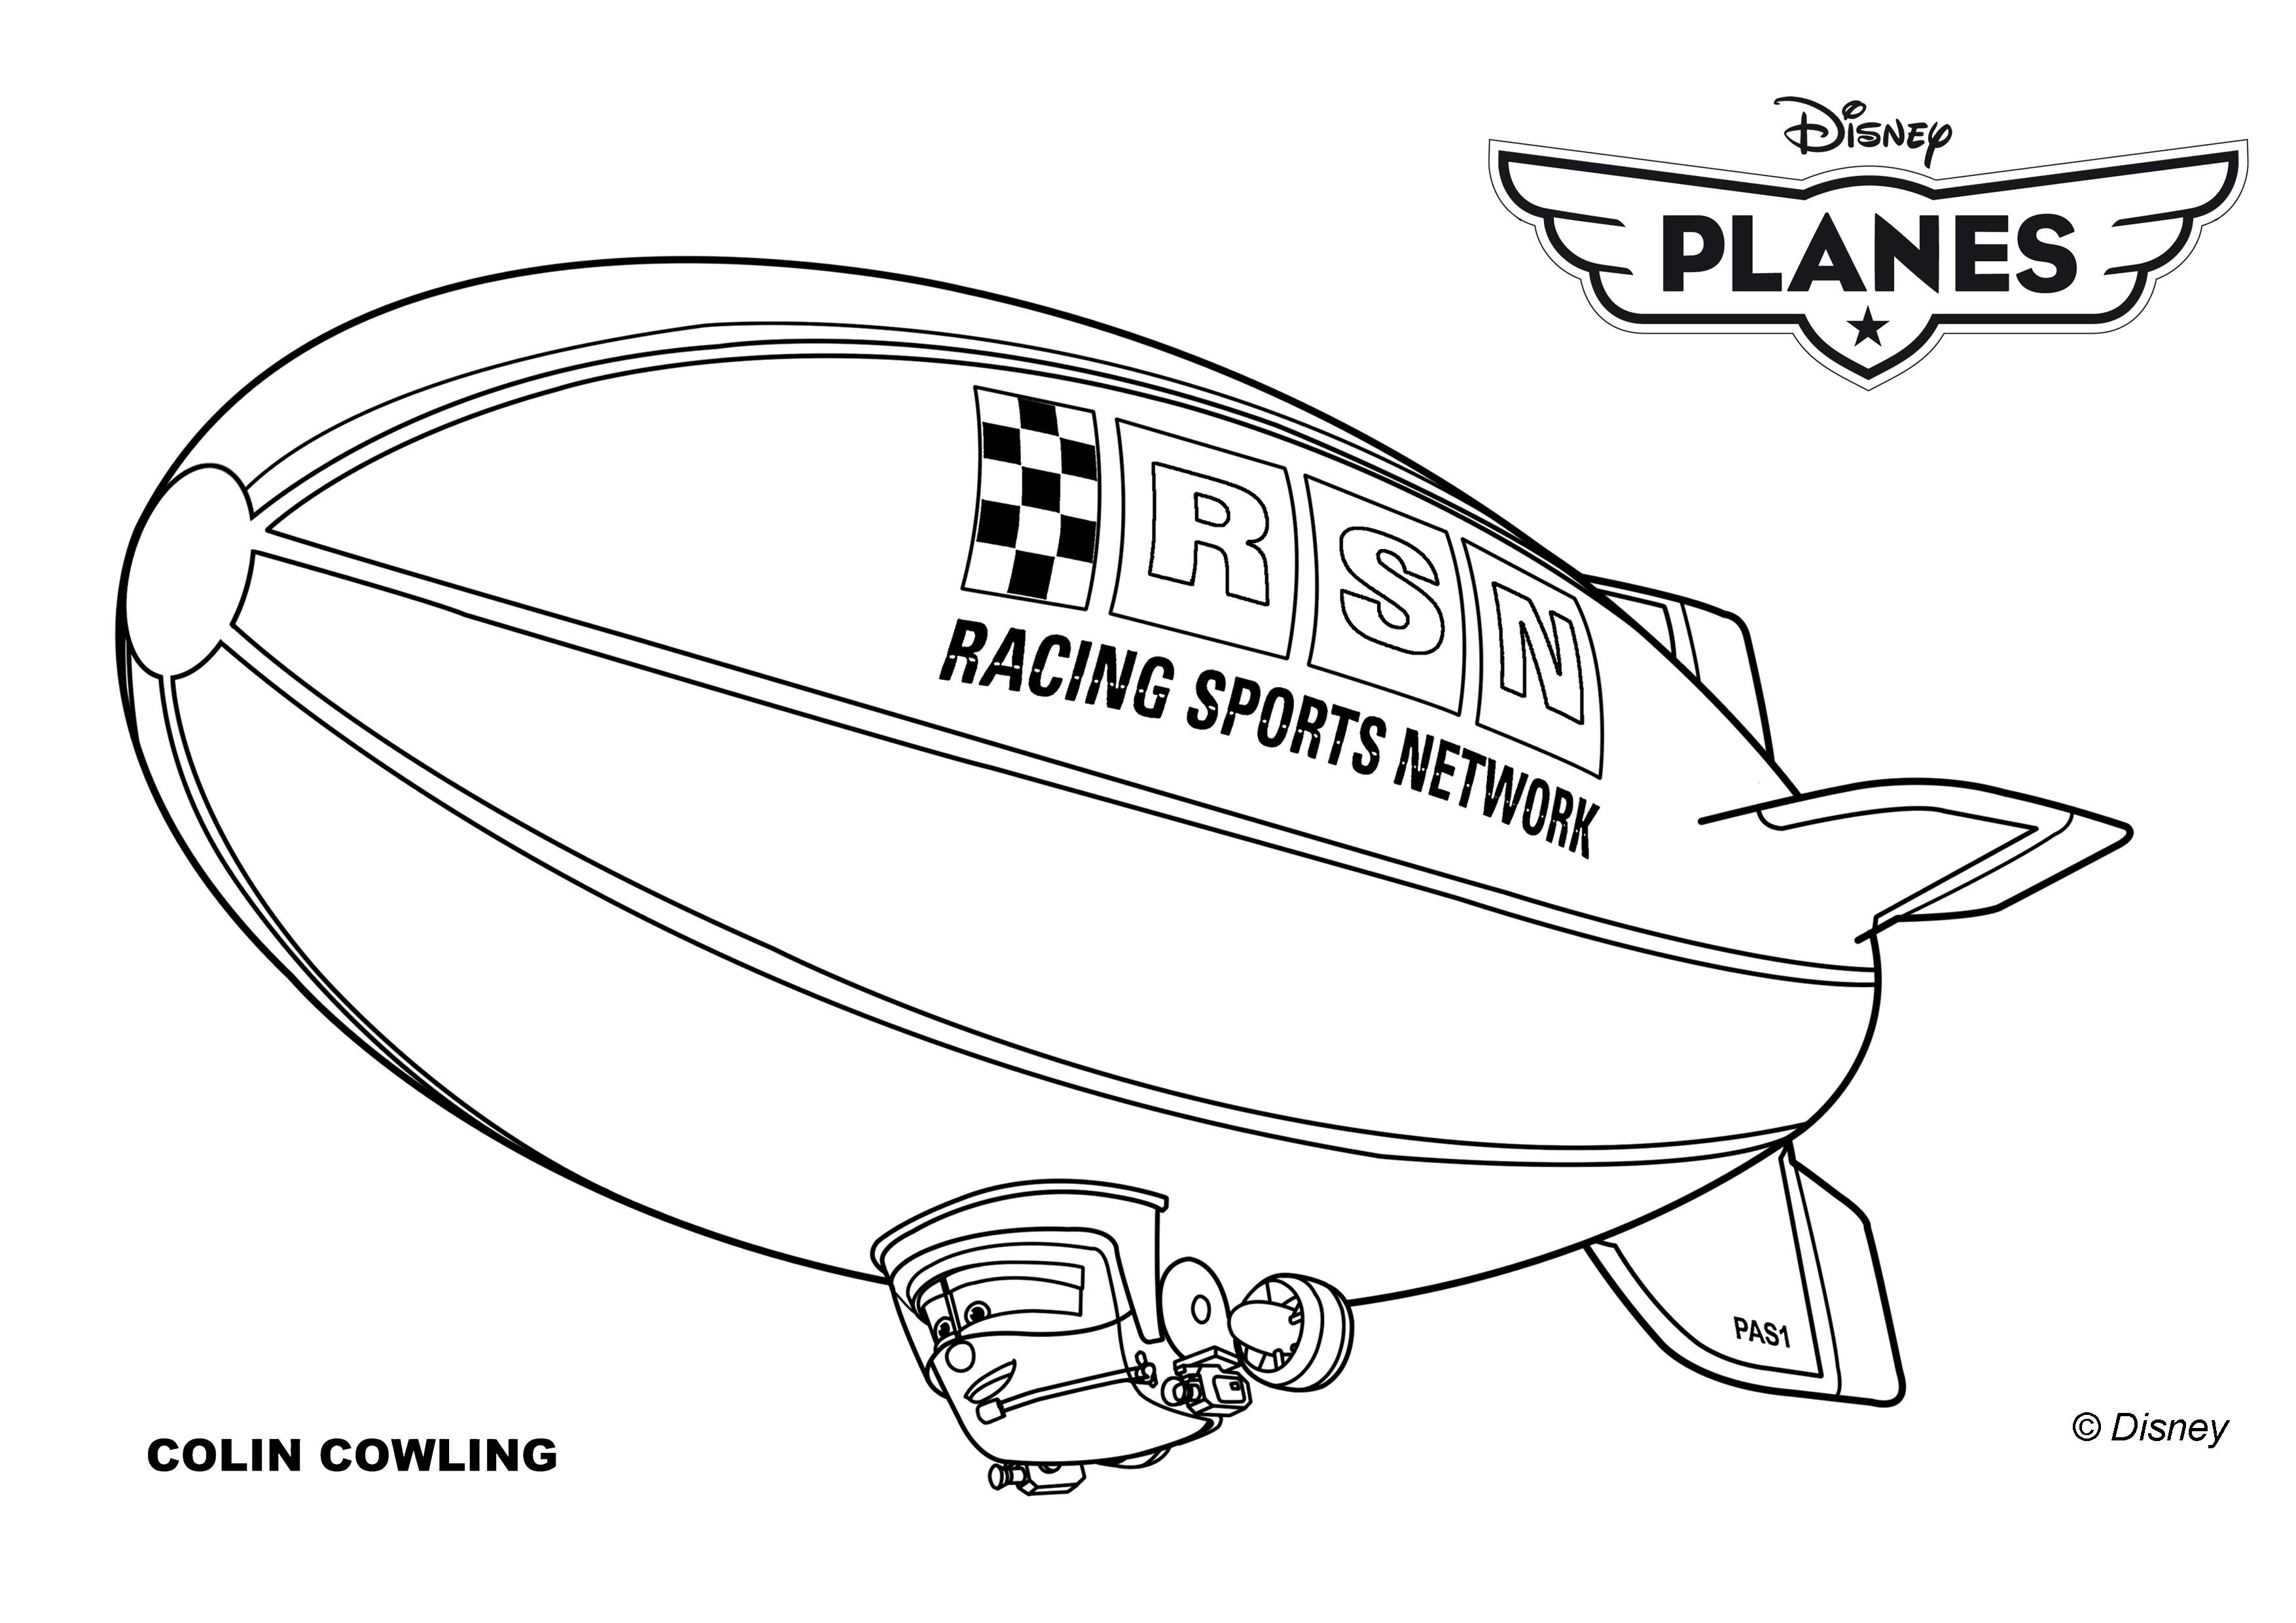 124 dessins de coloriage planes 2 imprimer - Plane coloriage ...